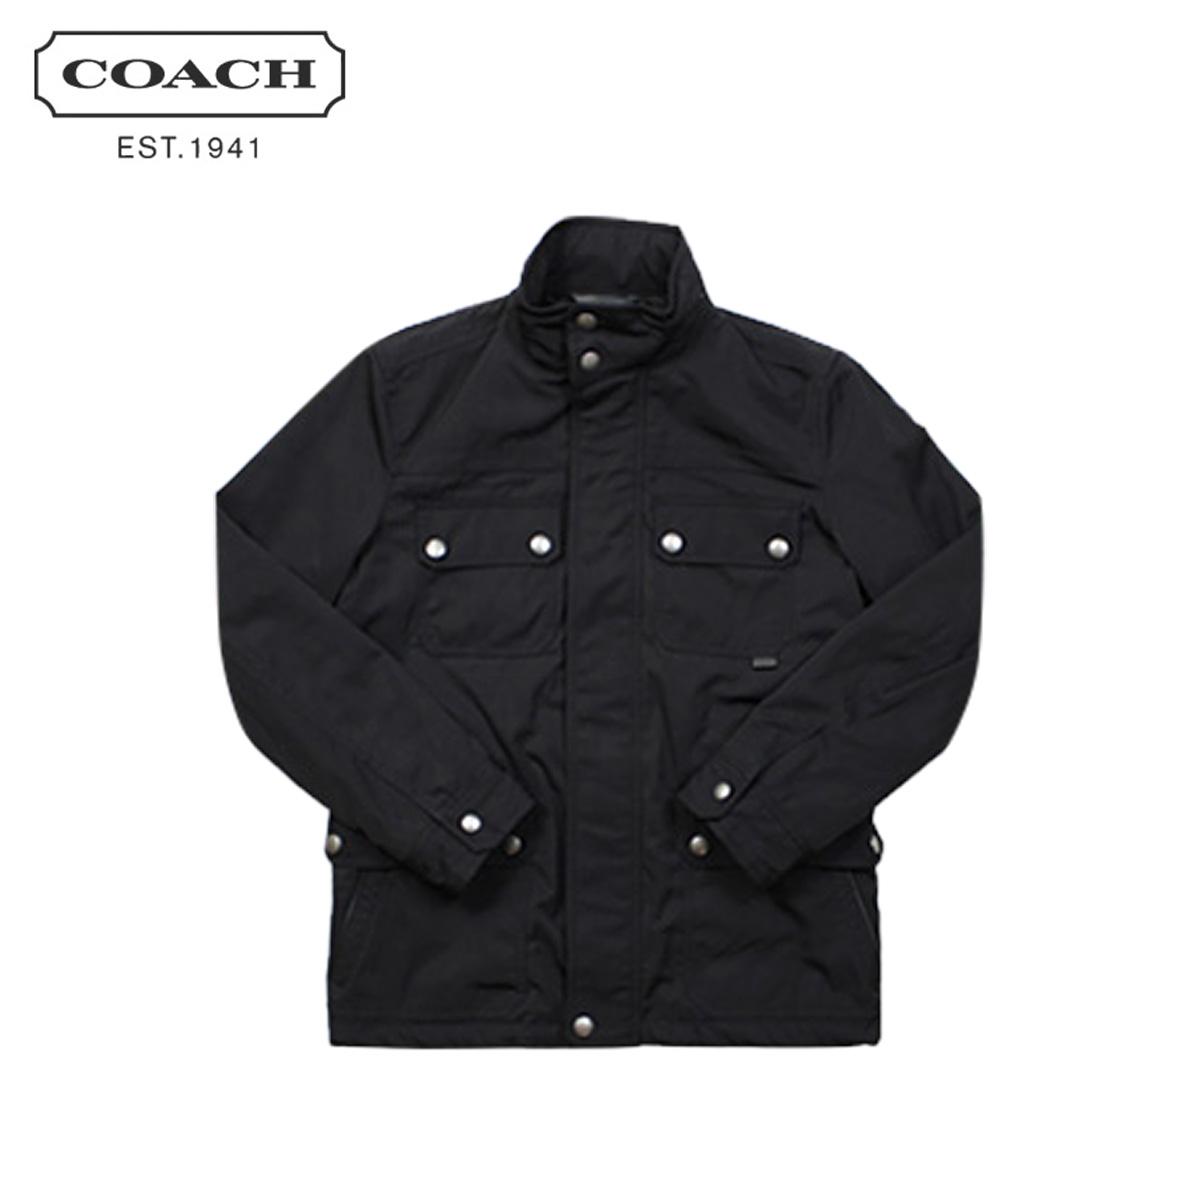 【最大600円OFFクーポン】 COACH コーチ メンズ ジャケット ブルゾン F82712 ネイビー